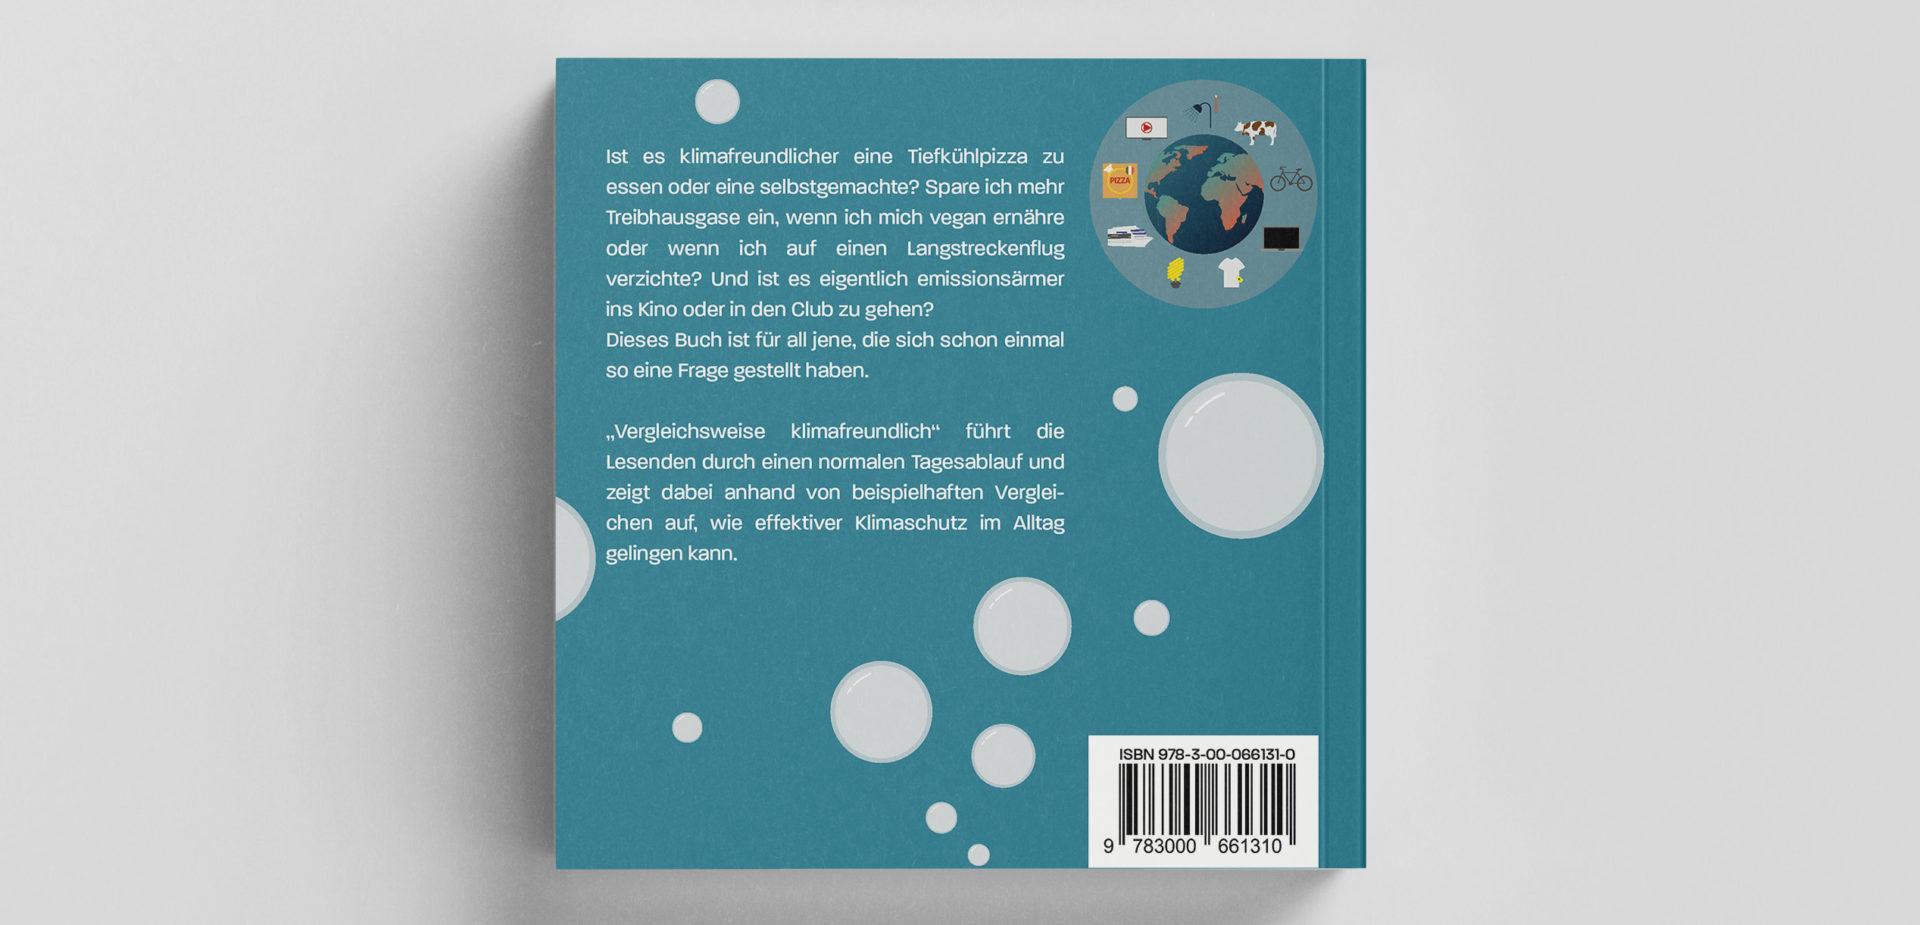 Backcover von dem Buch Vergleichsweise Klimafreundlich